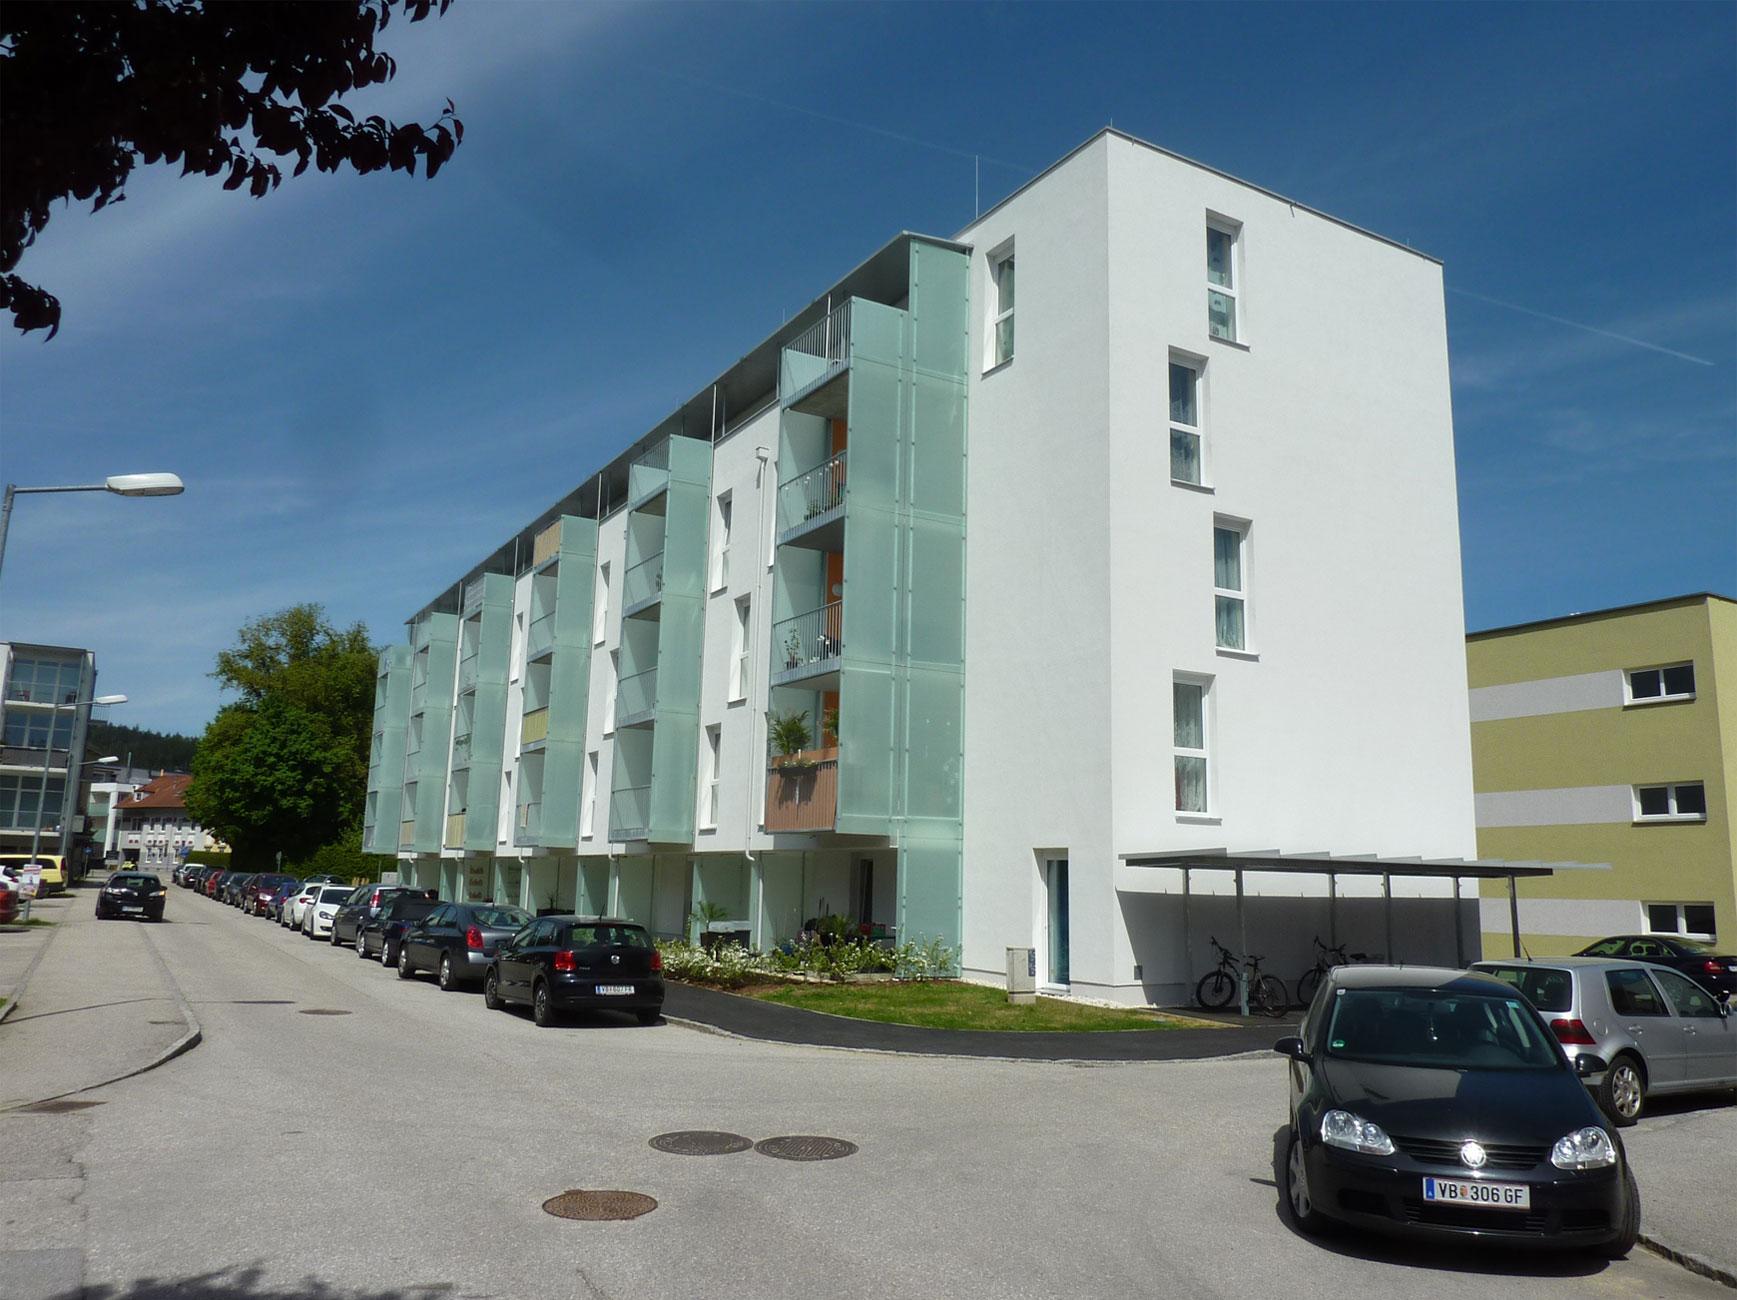 1345_Wohnungen-Volkssiedlung-BT-2-5.jpg